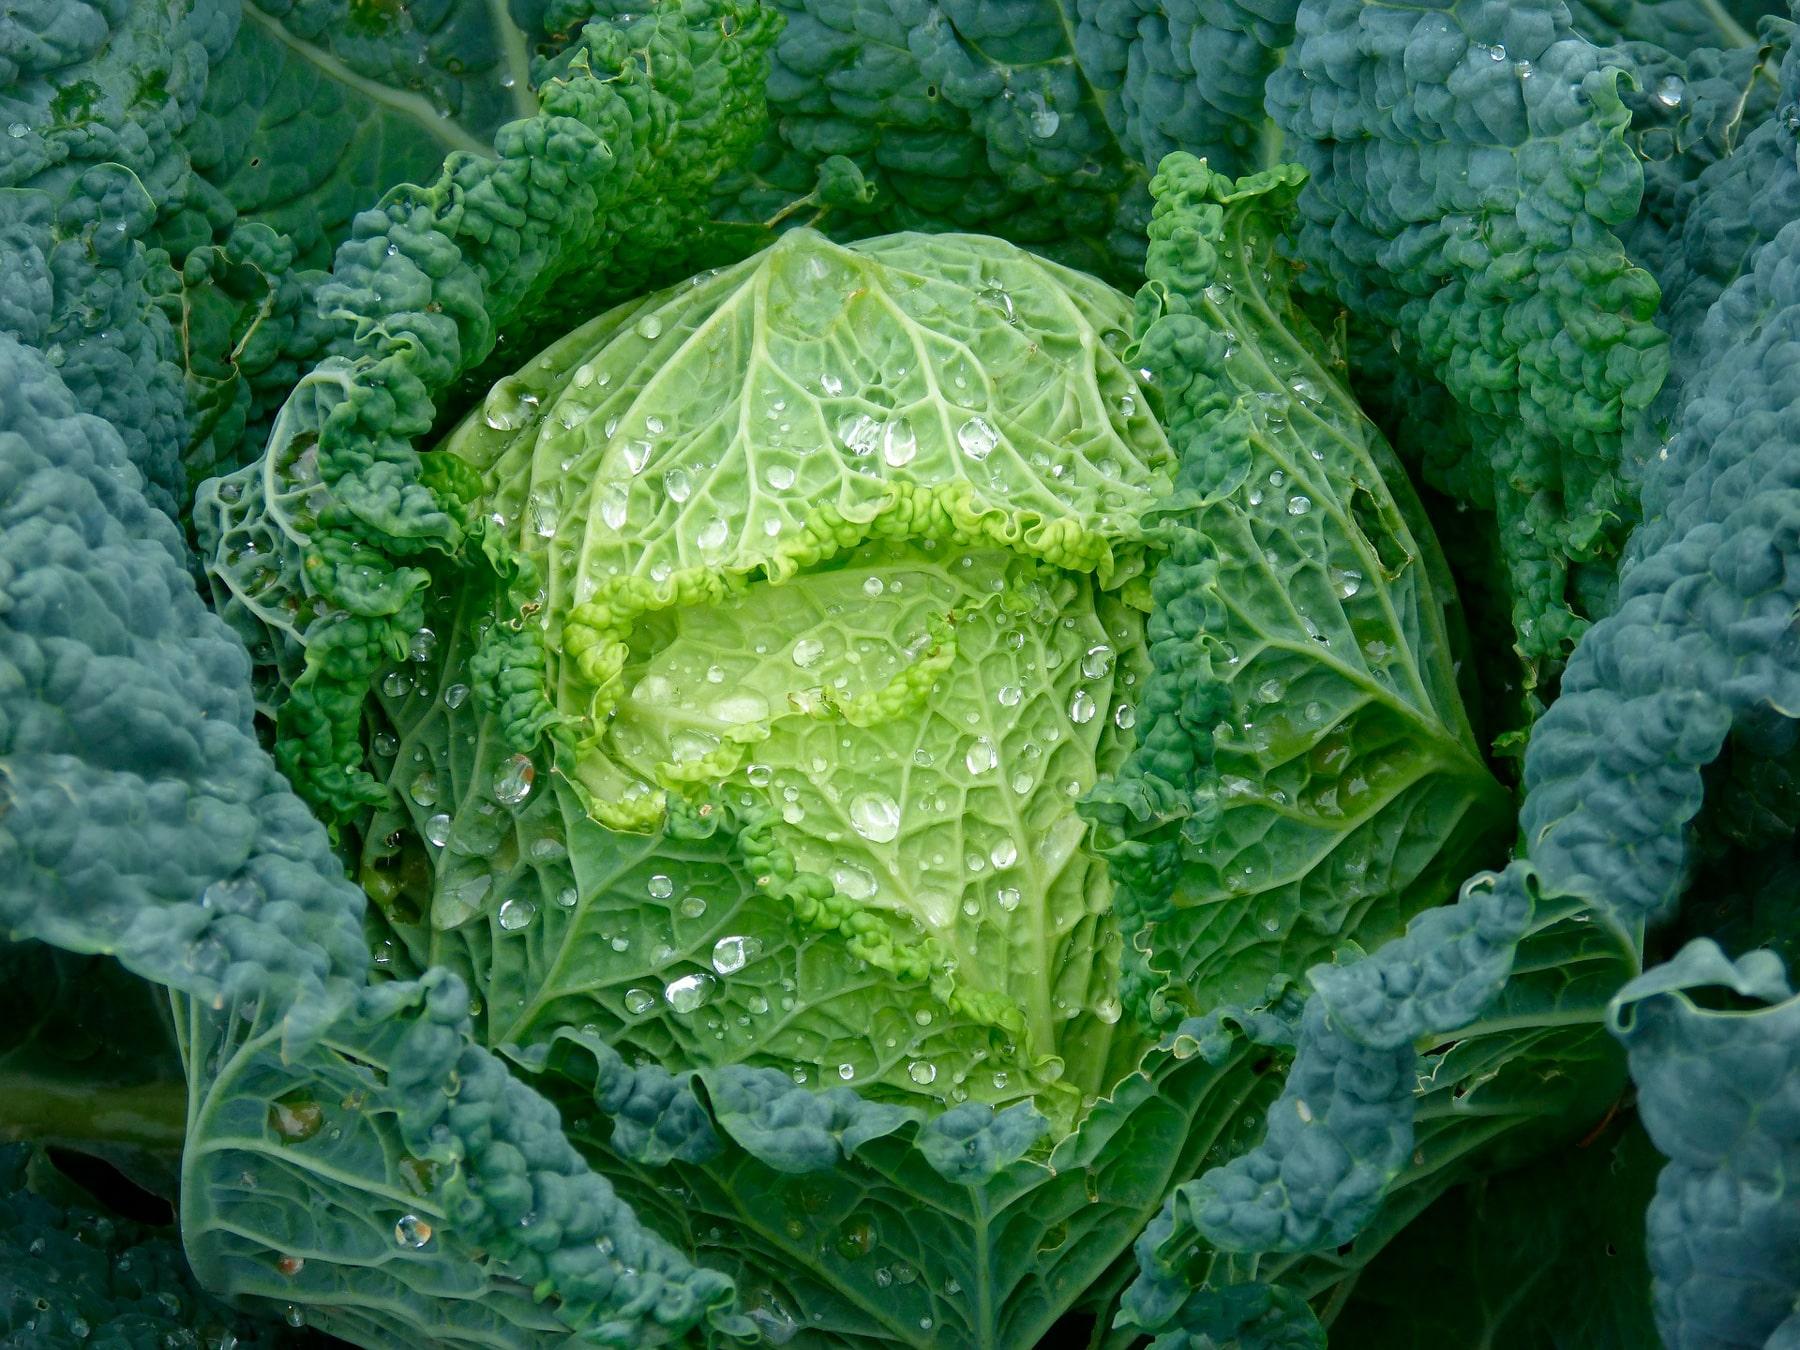 La Col o Repollo: Descubre sus beneficios nutricionales